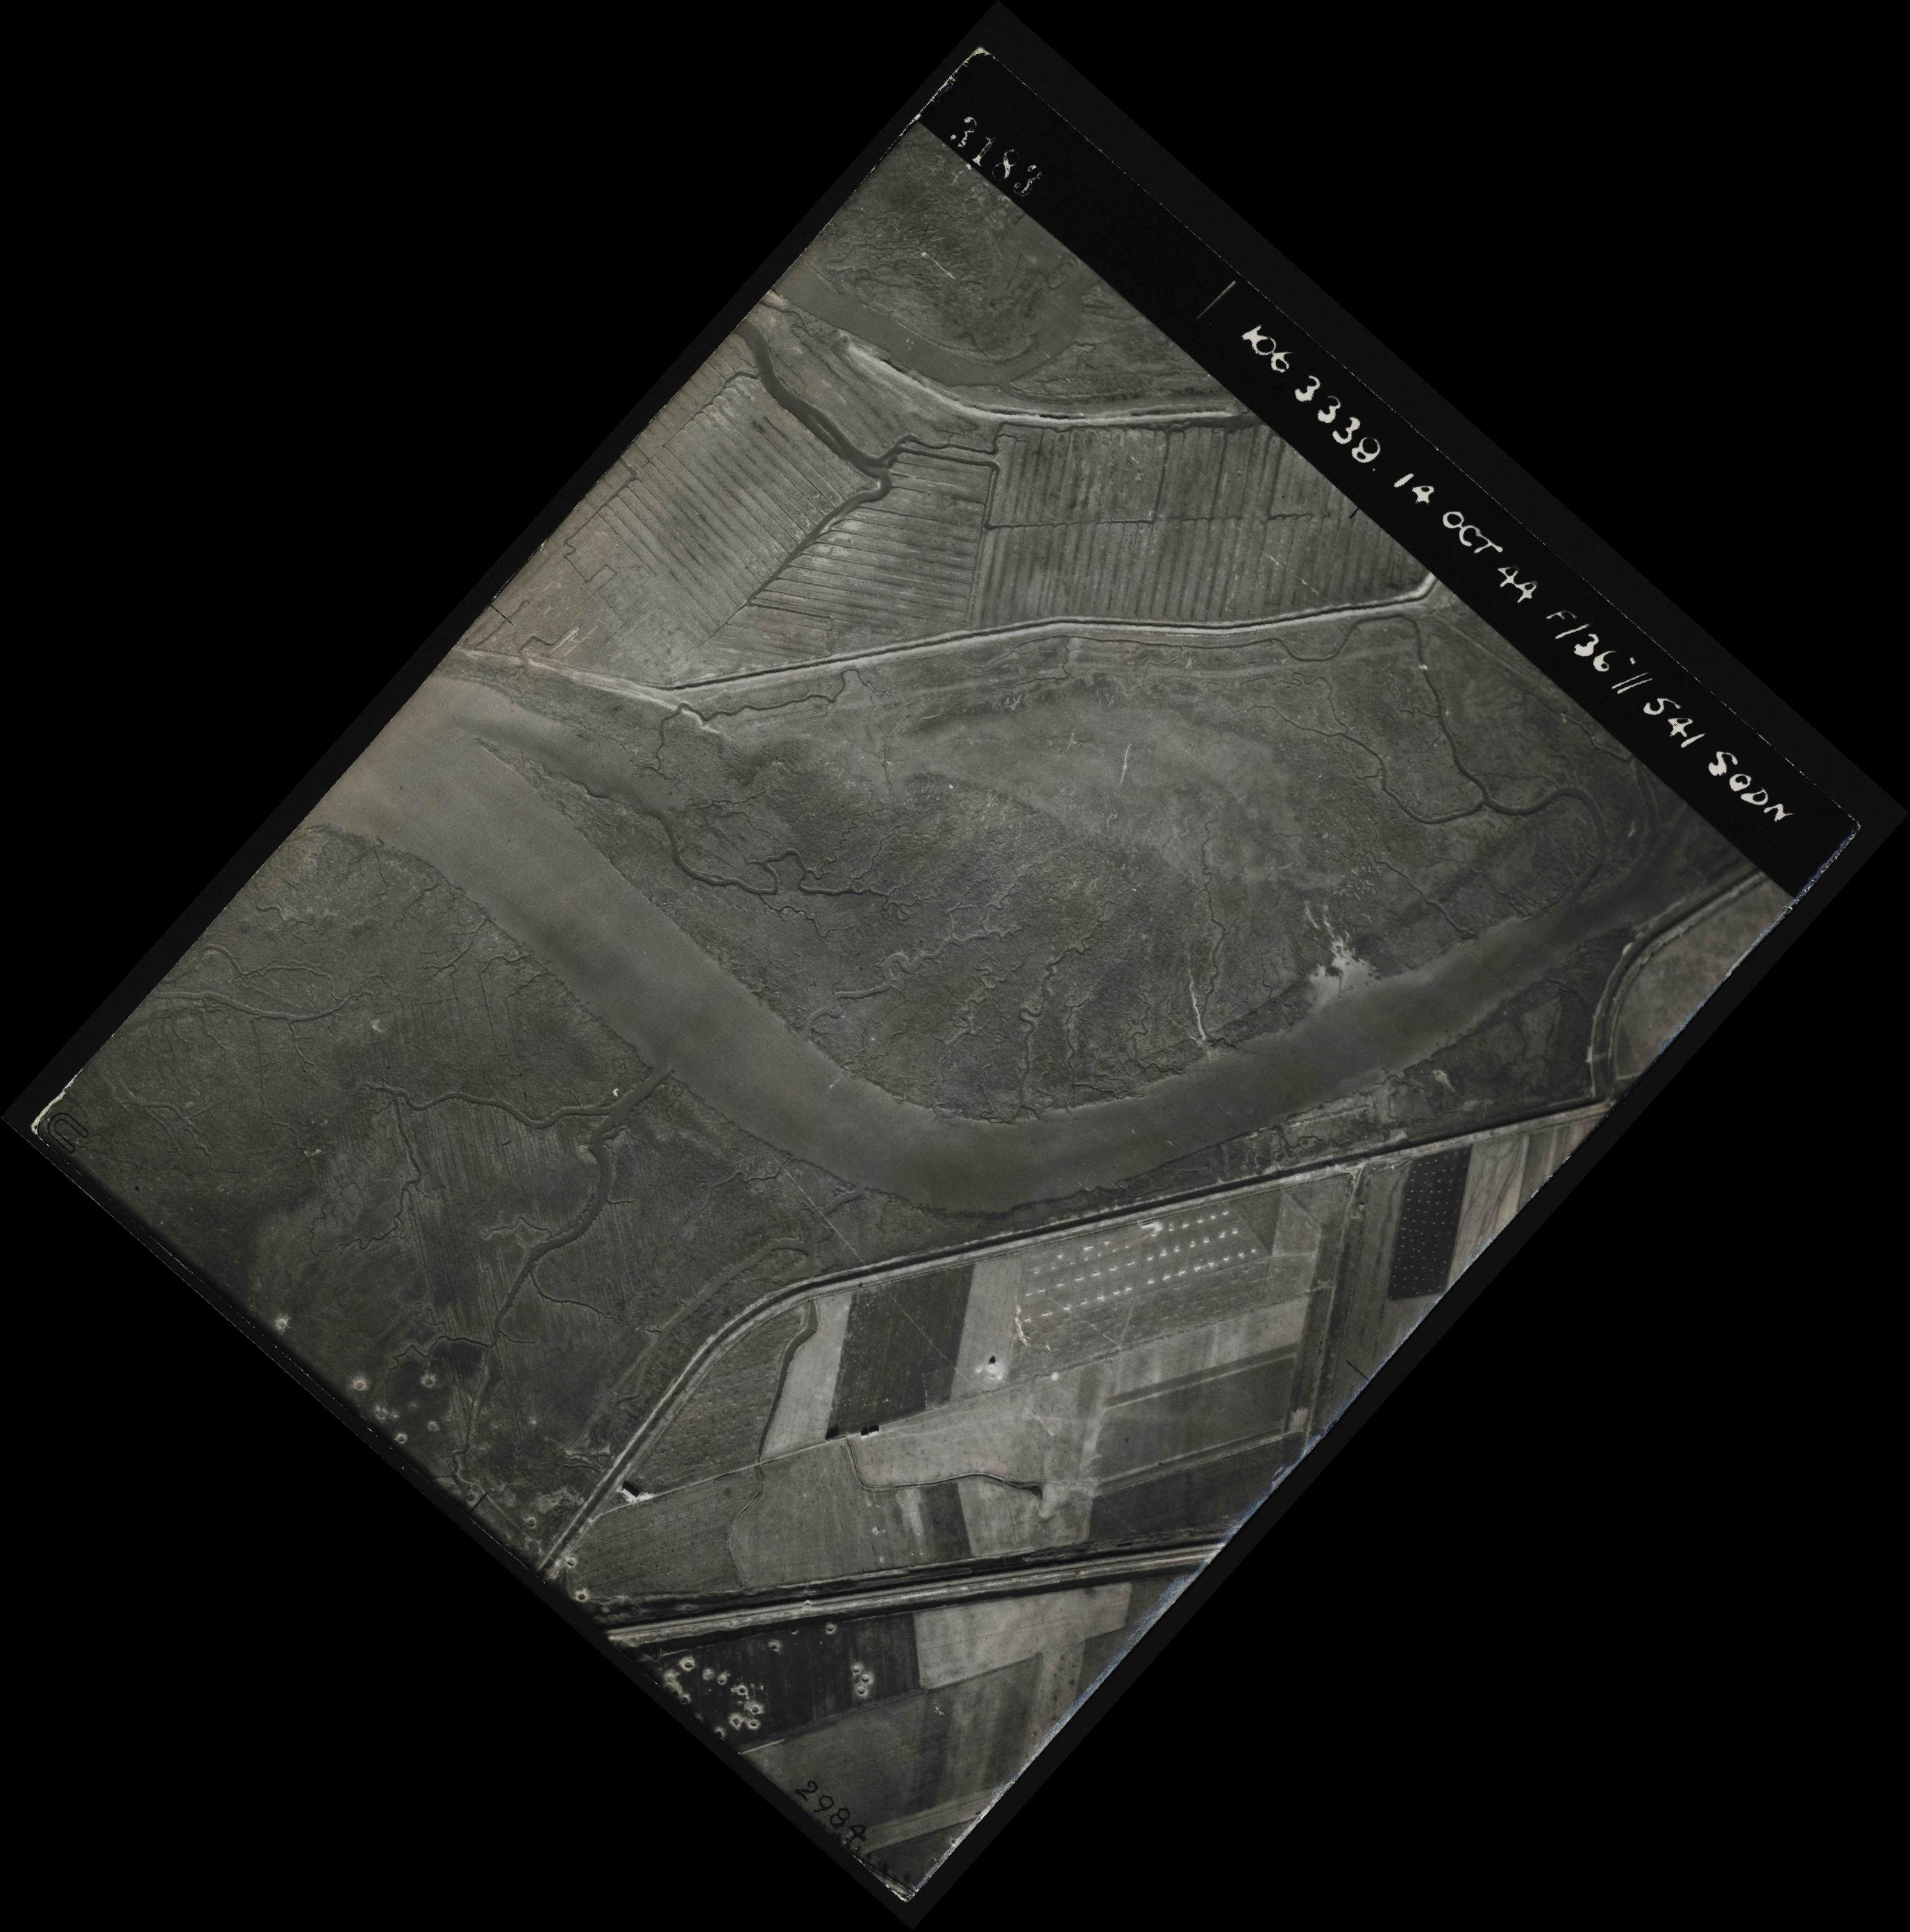 Collection RAF aerial photos 1940-1945 - flight 042, run 03, photo 3183